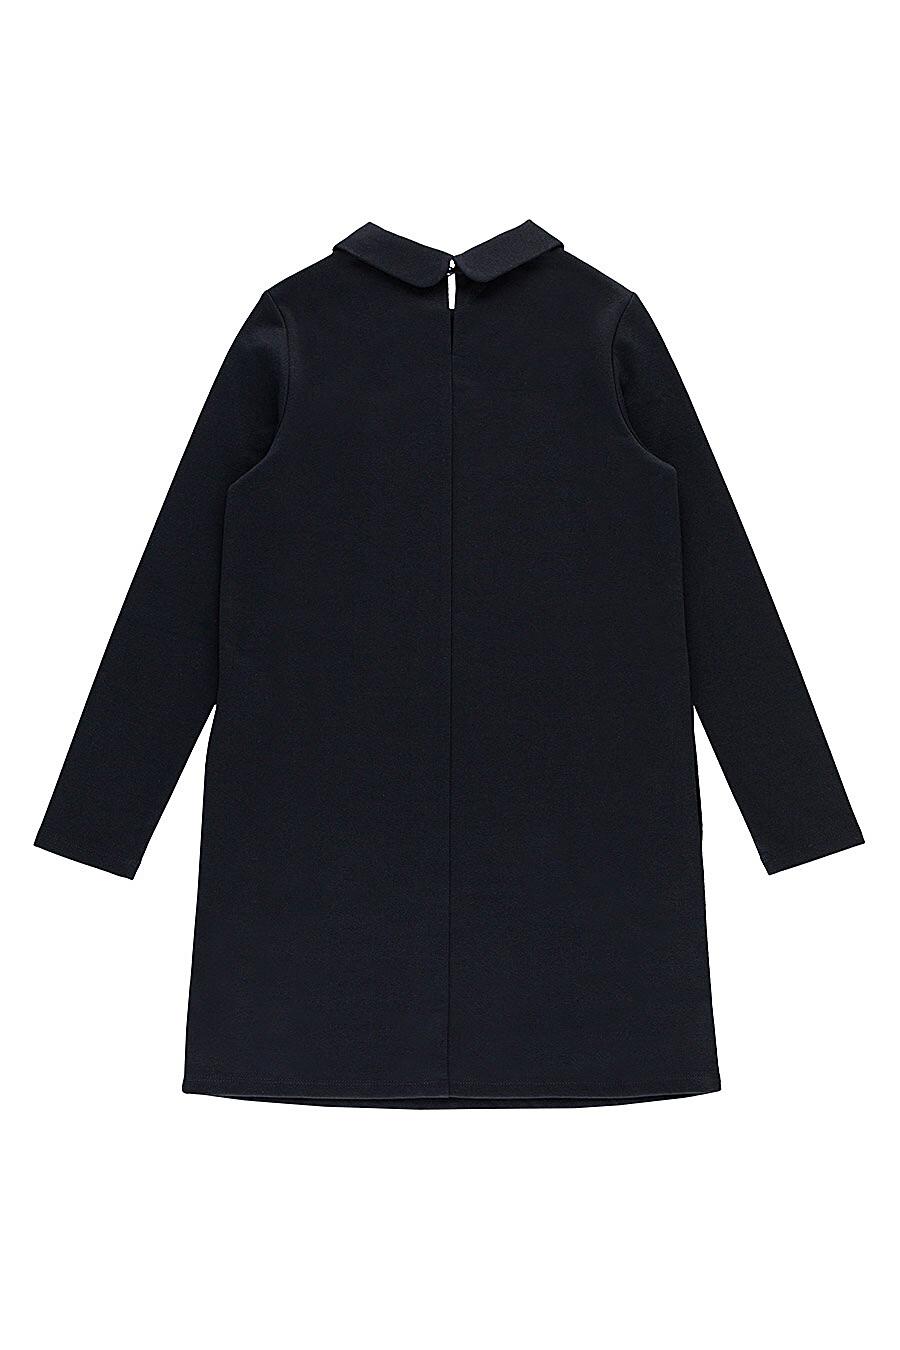 Платье для девочек IN FUNT 219086 купить оптом от производителя. Совместная покупка детской одежды в OptMoyo